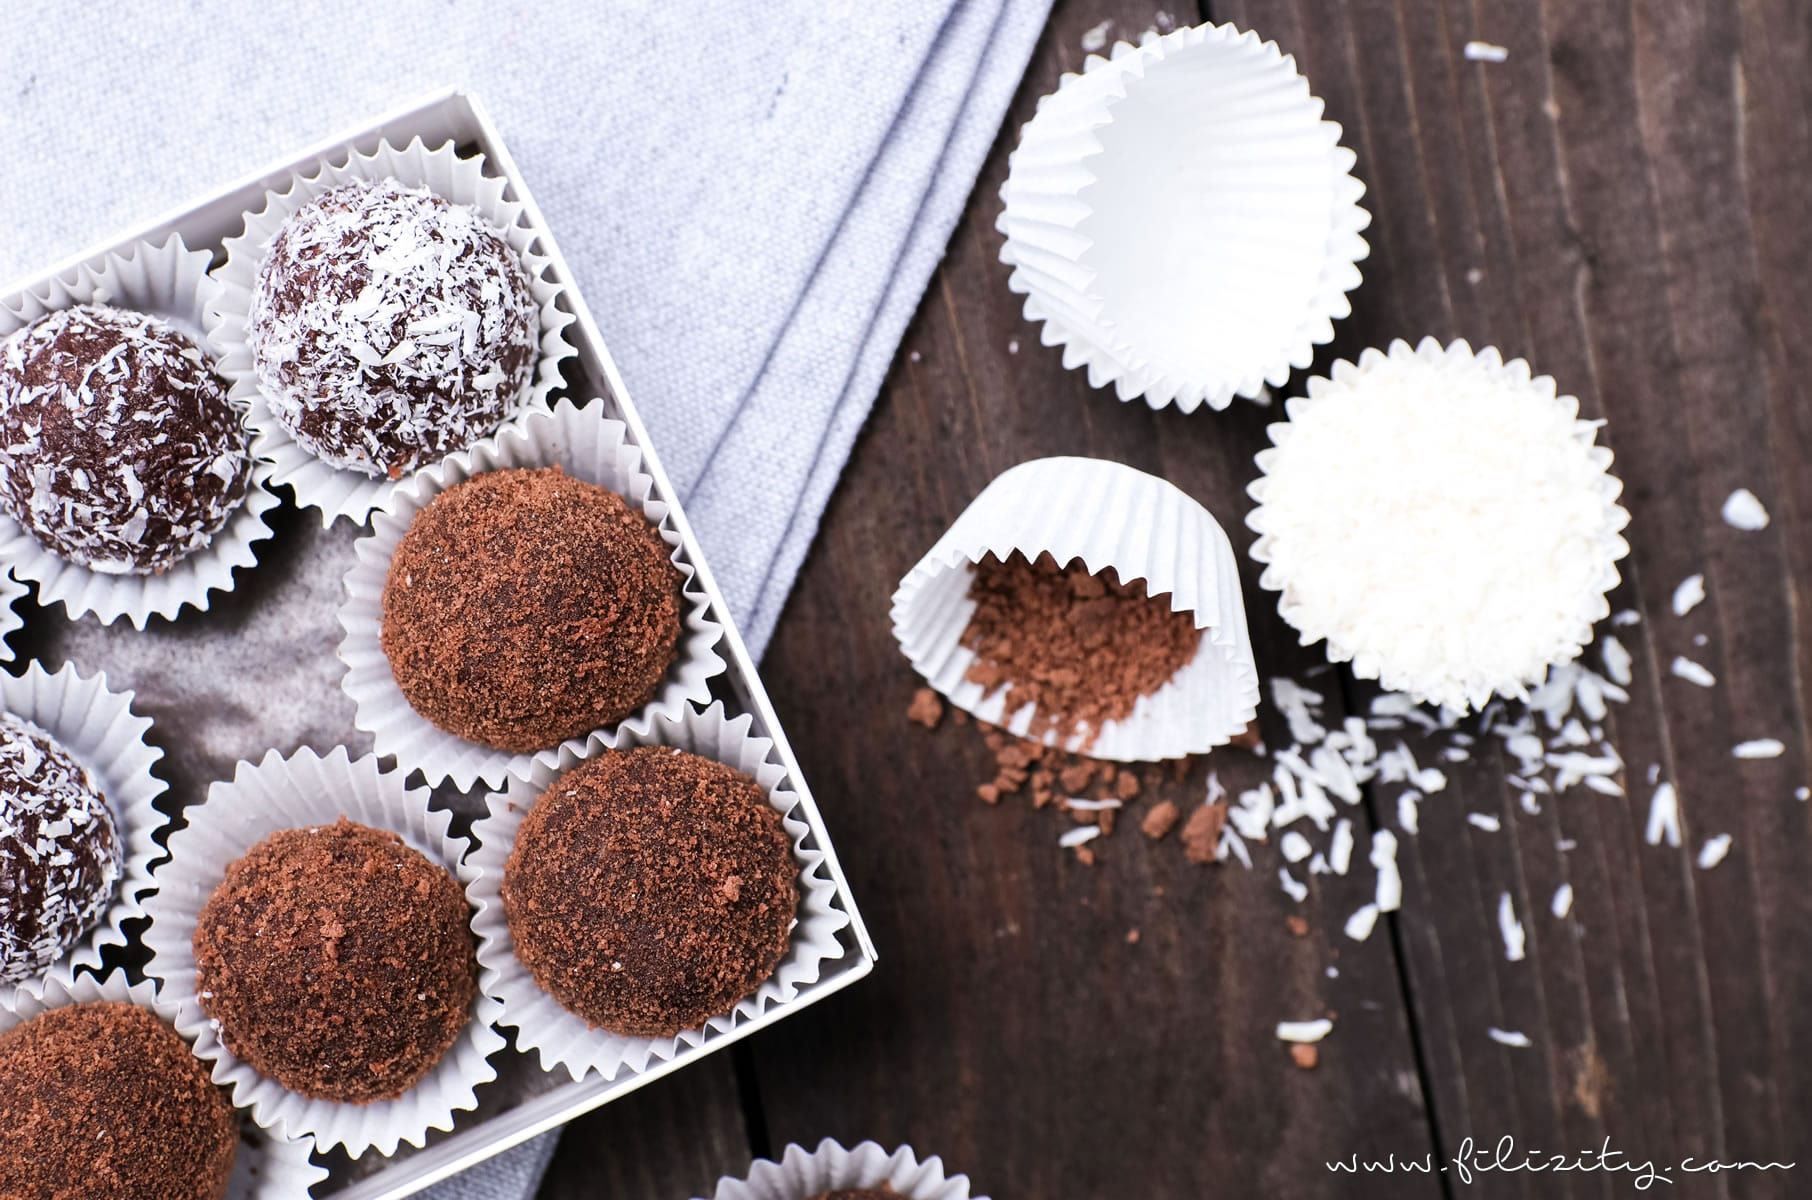 5-Minuten-Pralinen: Rezept für Nutella-Butterkeks-Trüffel mit Kokos | Geschenke aus der Küche | Filizity.com | Food-Blog aus dem Rheinland #nutella #schokolade #pralinen